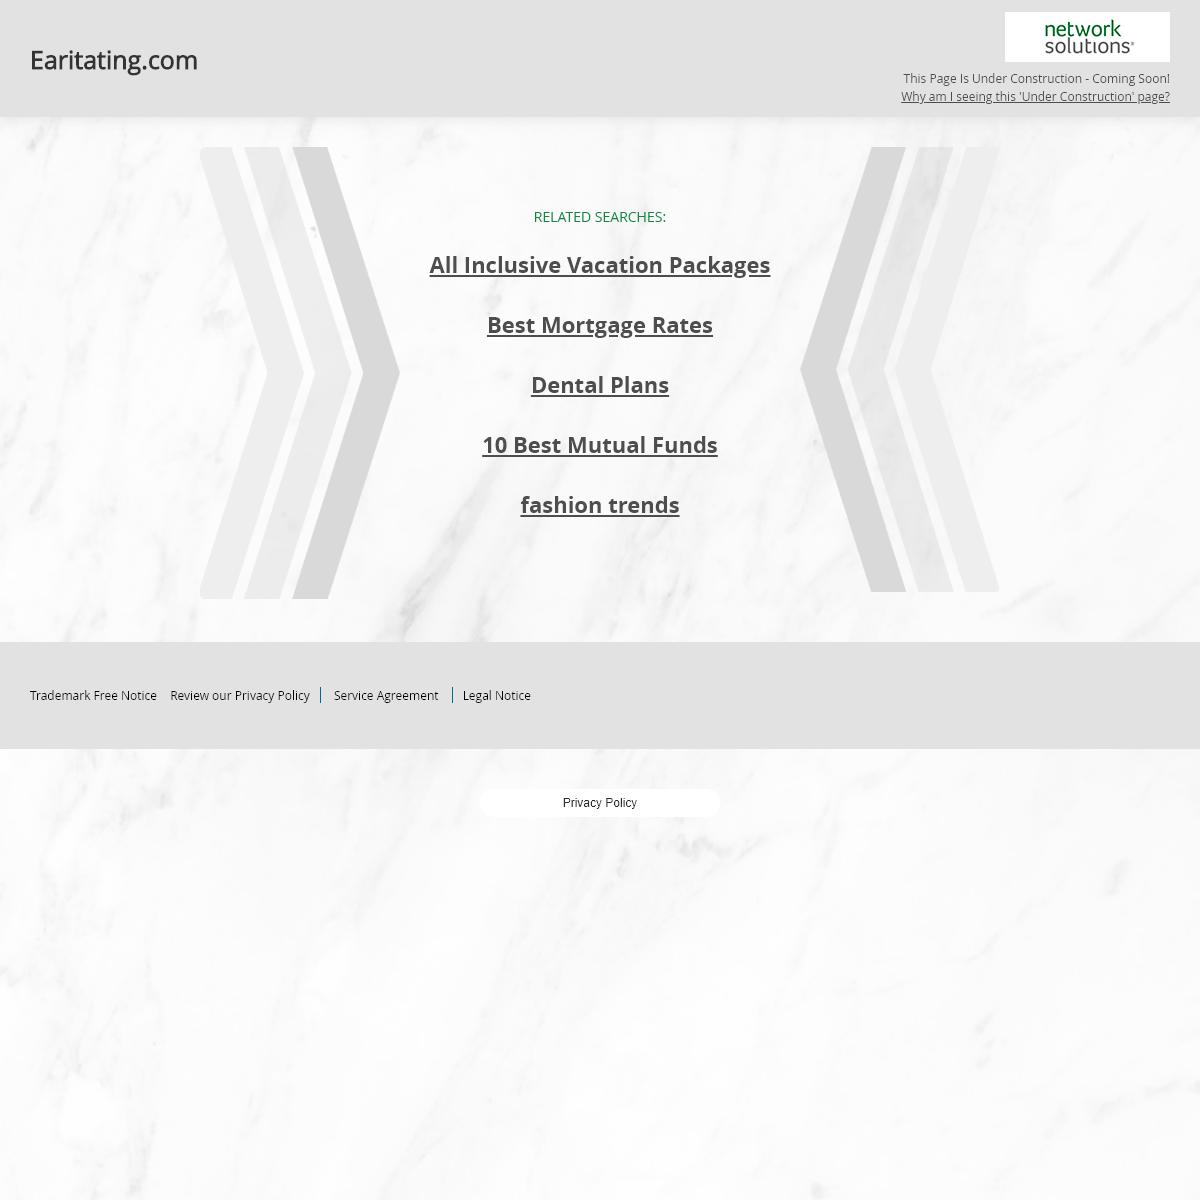 Earitating.com